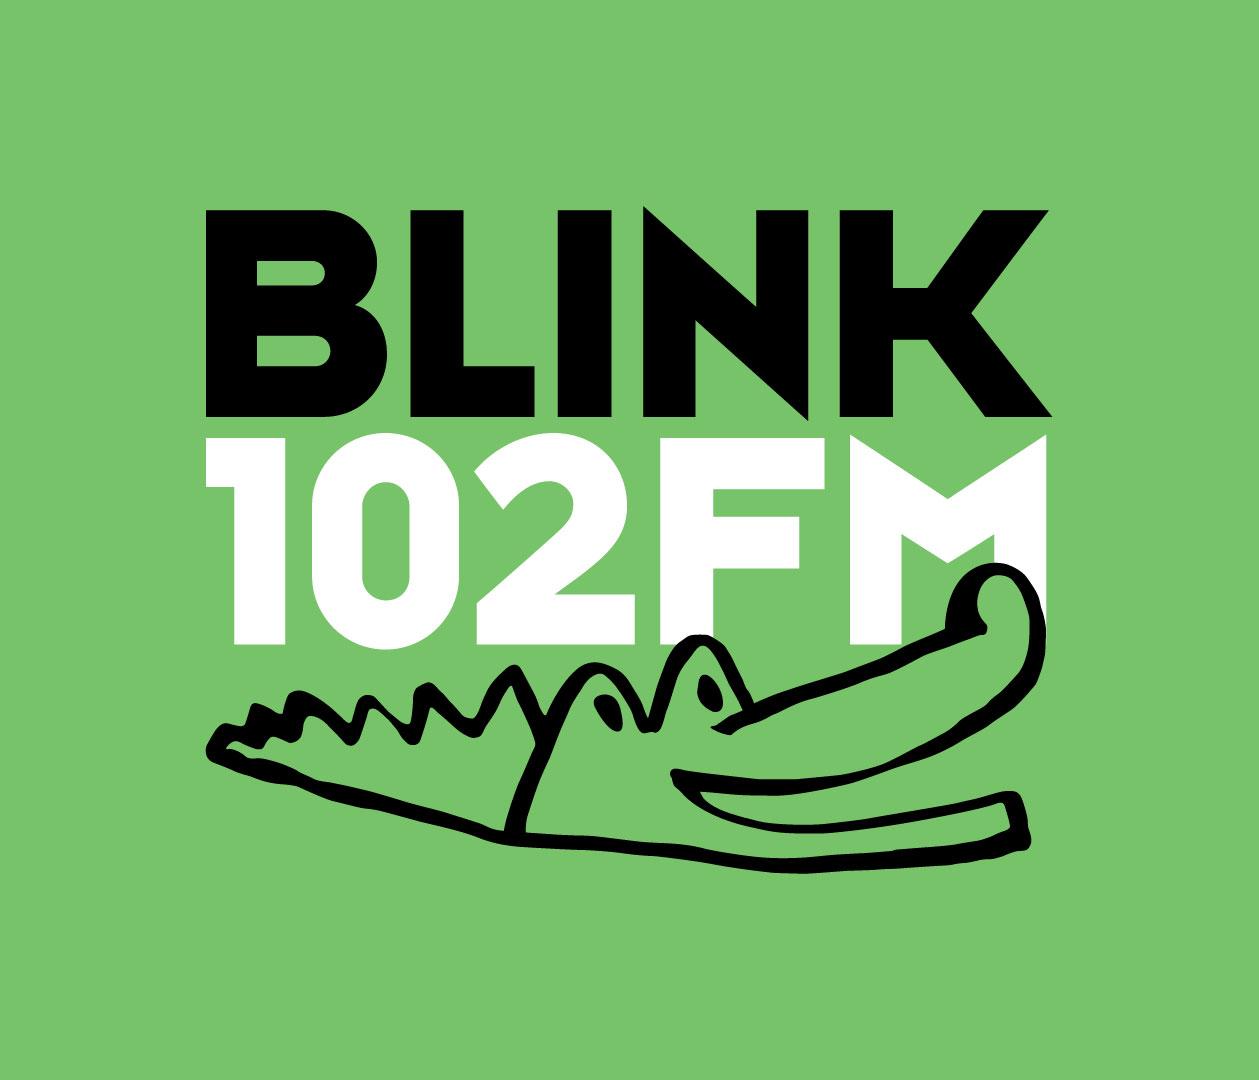 BLINK102FM